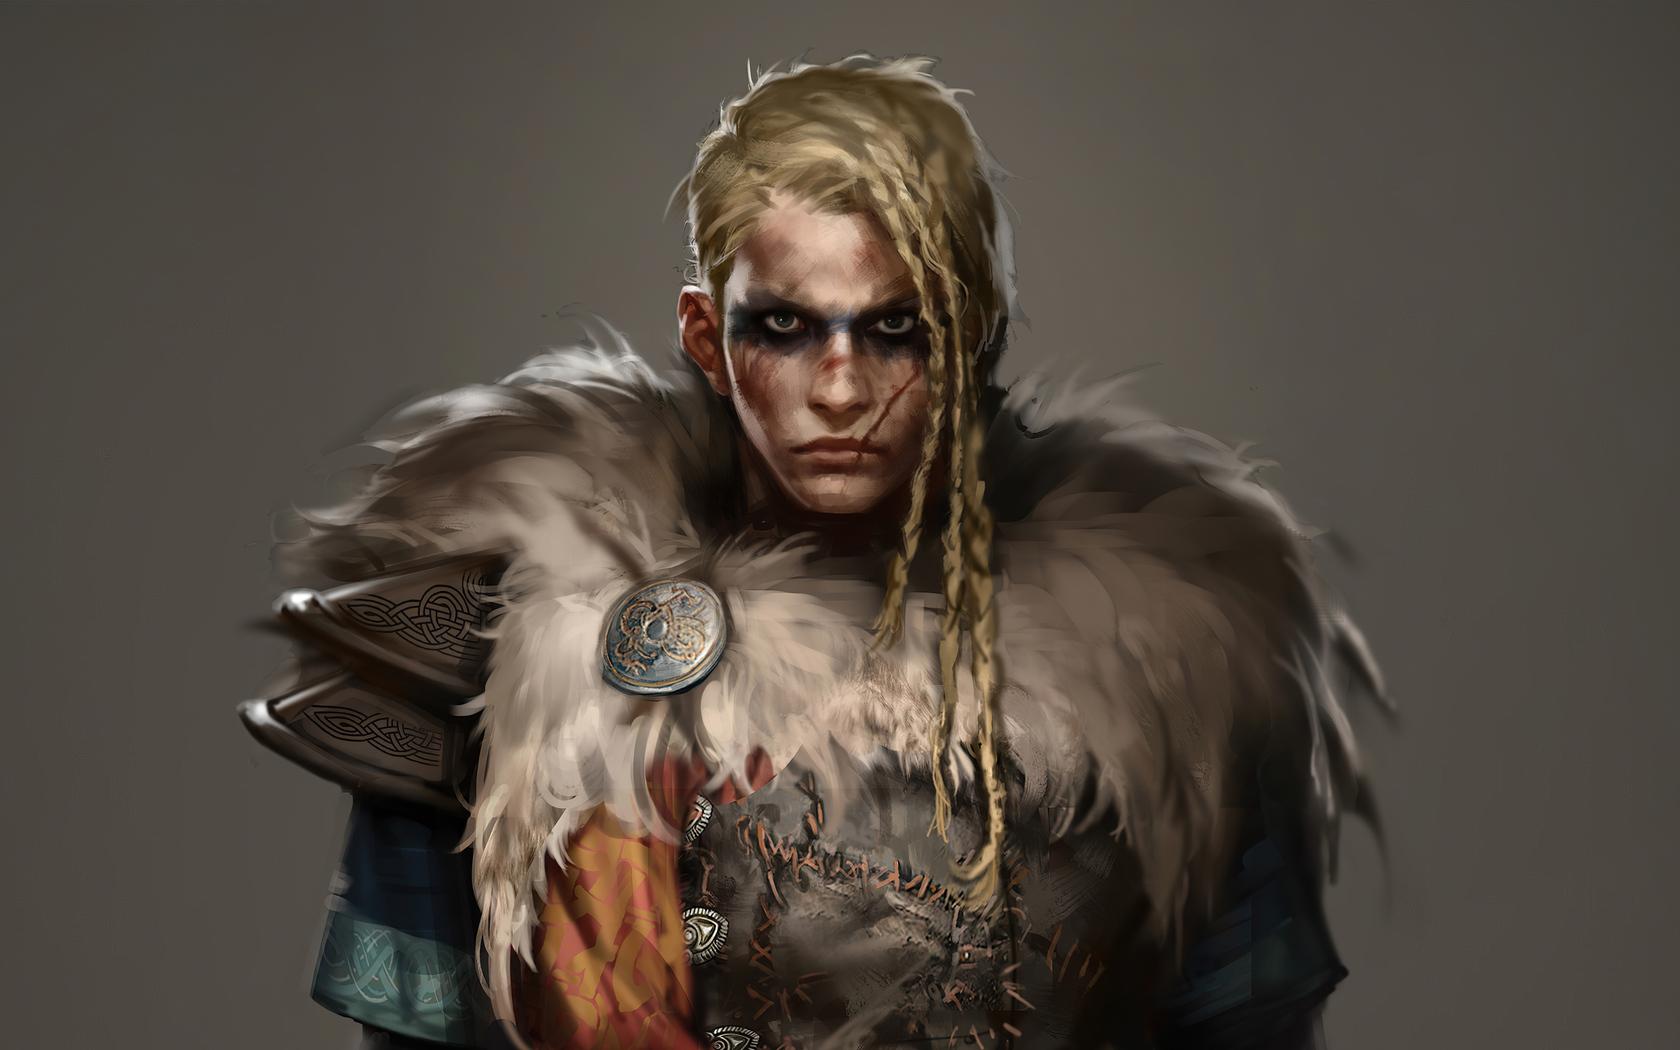 assassins-creed-valhalla---eivor-main-outfit-4k-m0.jpg